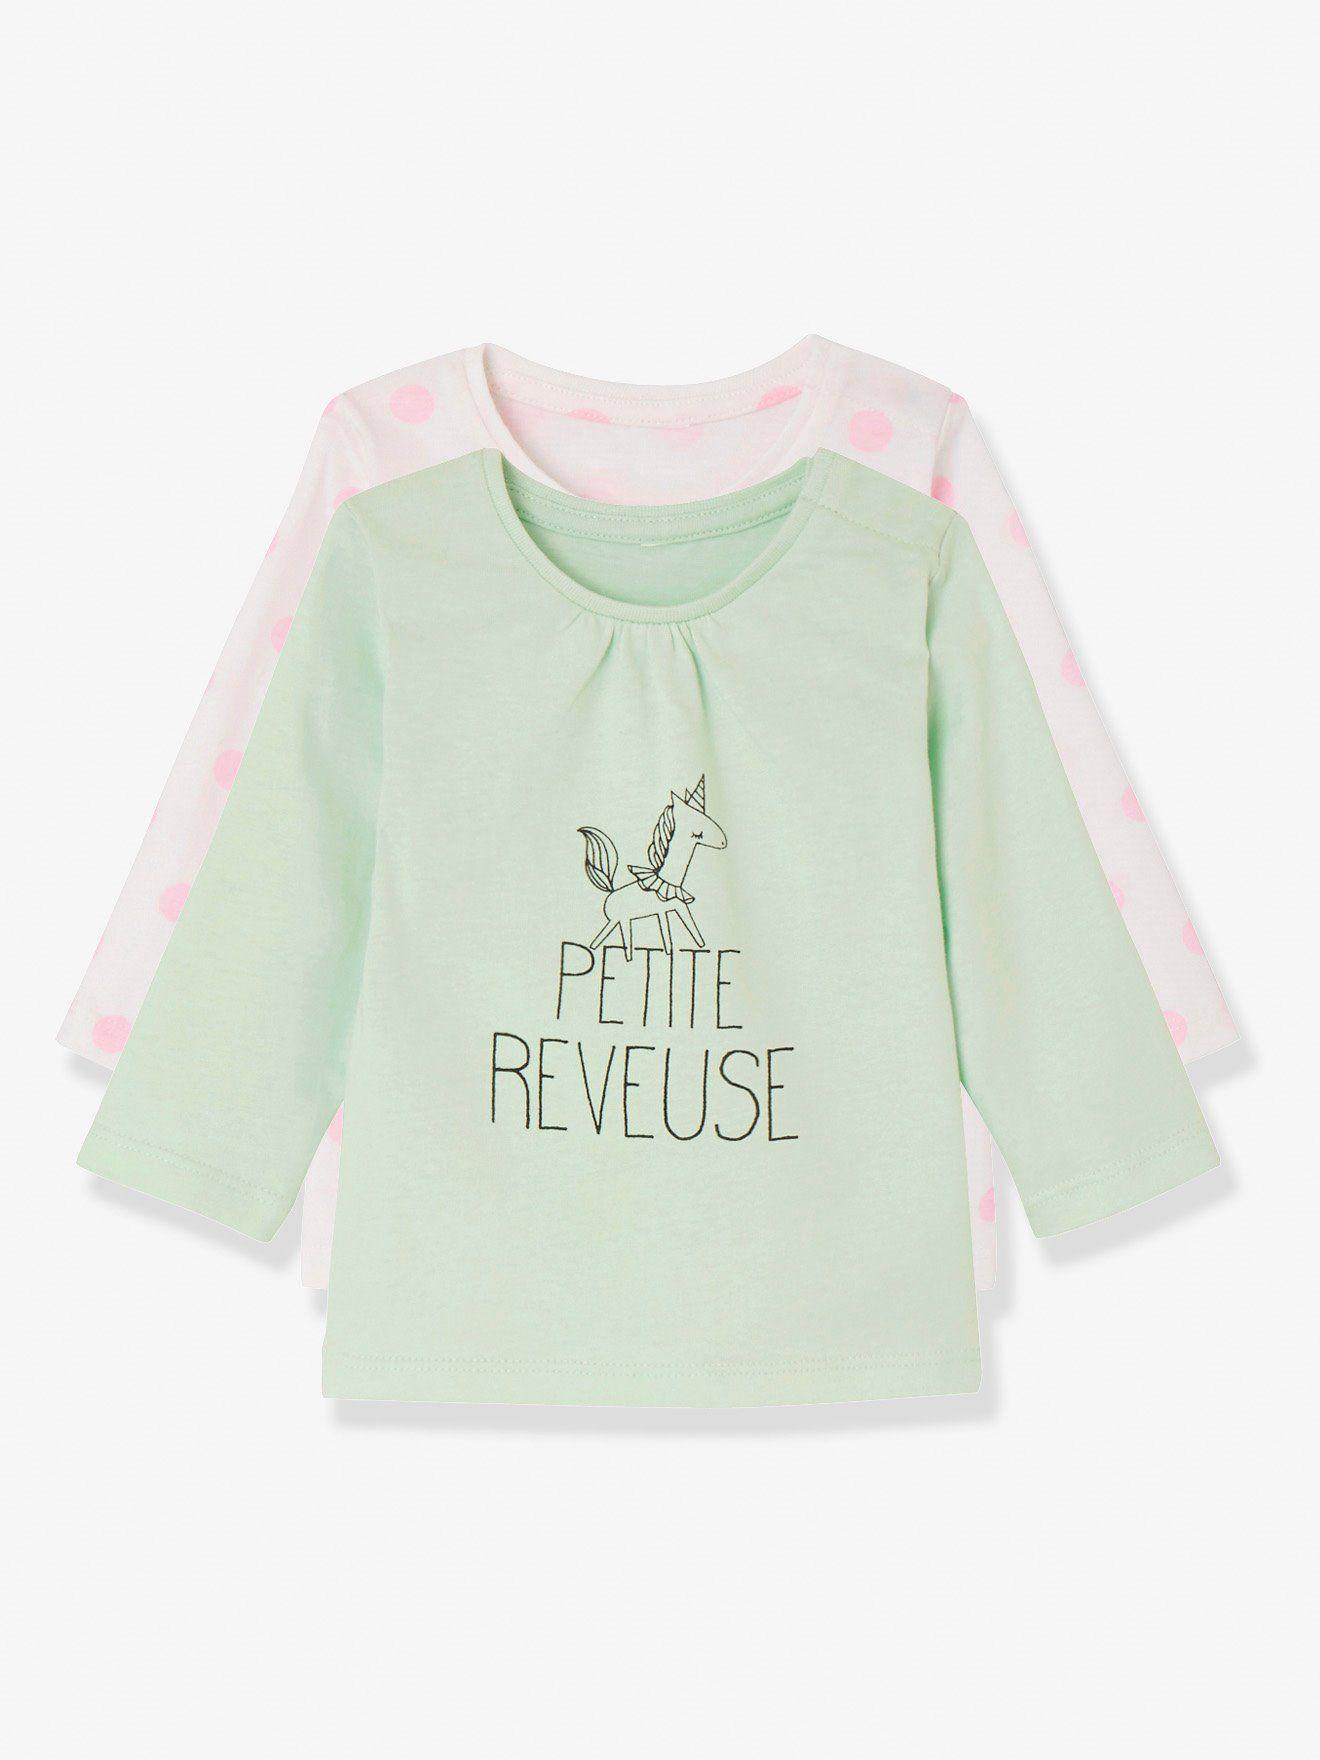 496ce3d88c3ea Lot de 2 T-shirts manches longues bébé fille - blanc pois+aqua ...